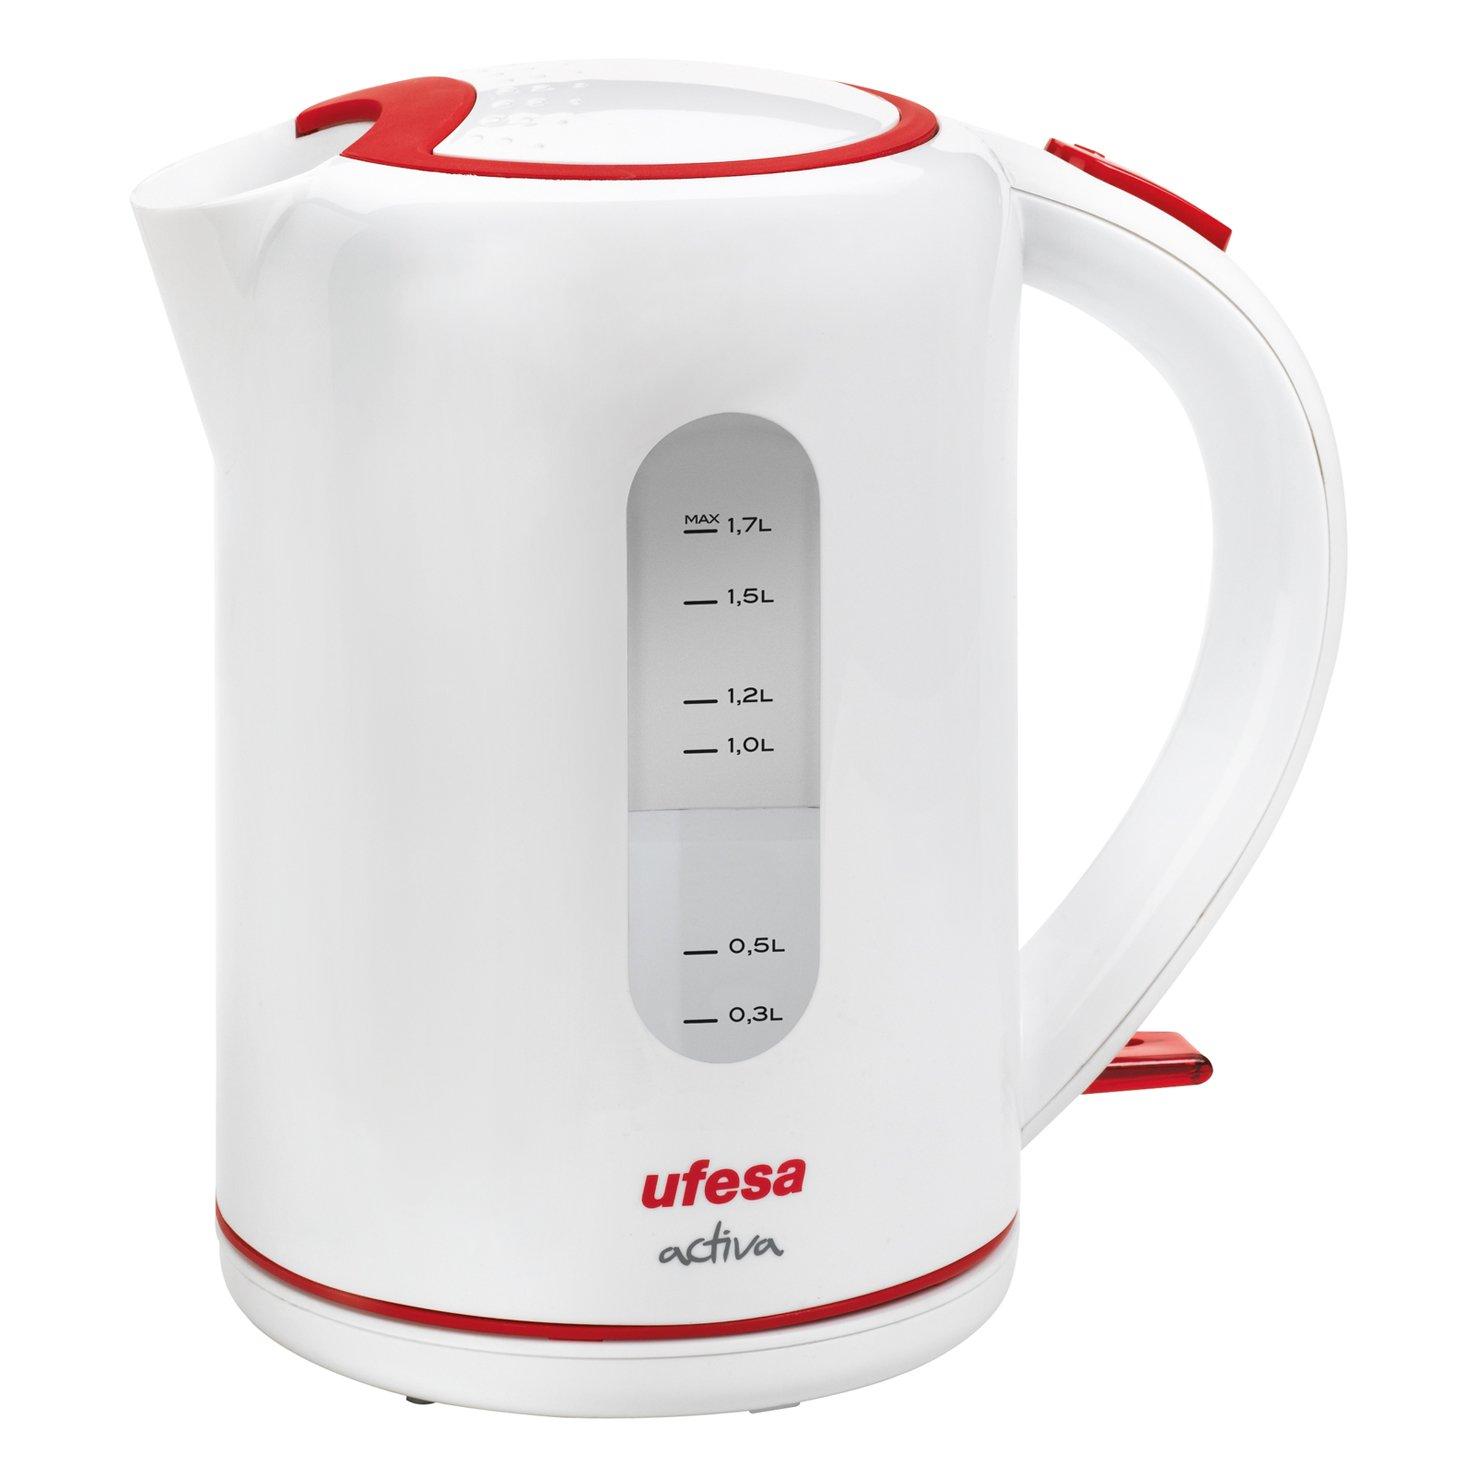 Ufesa Activa Hervidor de agua W filtro antical sistemas de seguridad